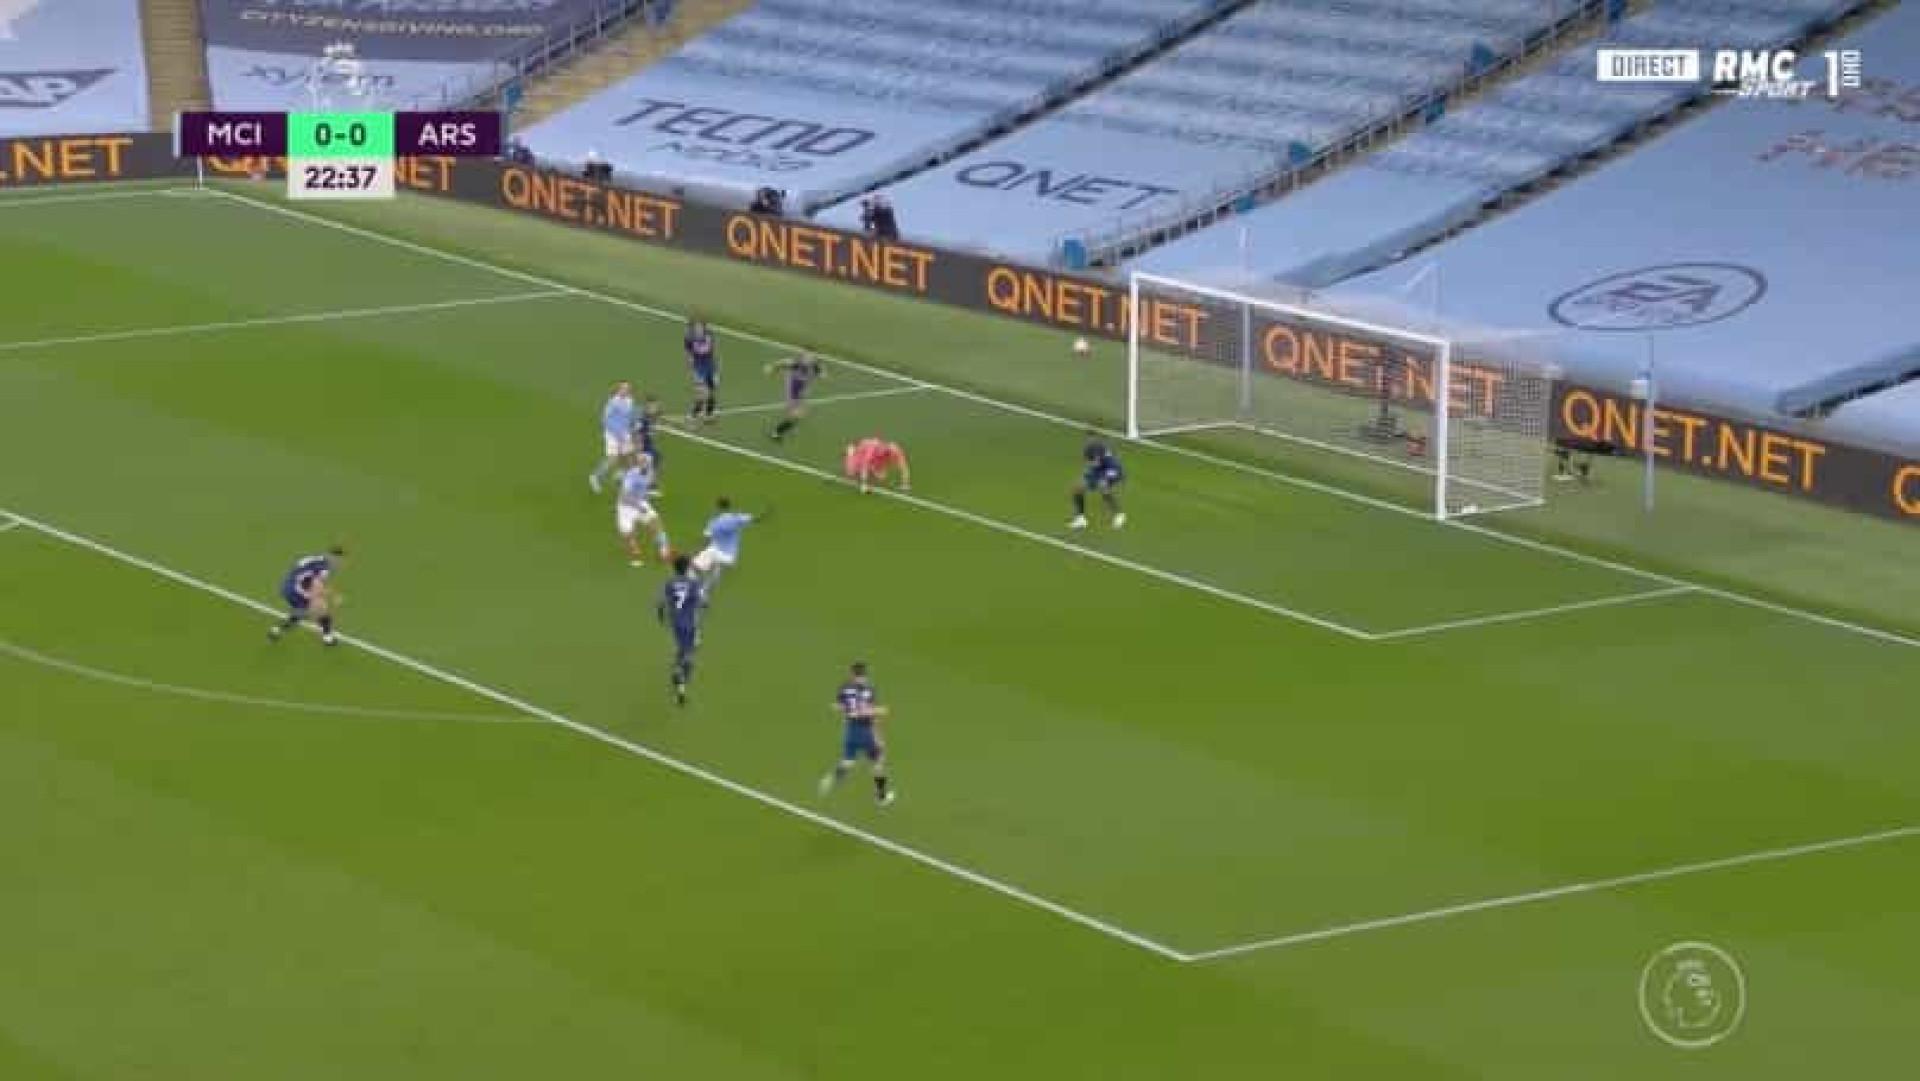 Manchester City insistiu e quebrou assim o nulo na receção ao Arsenal